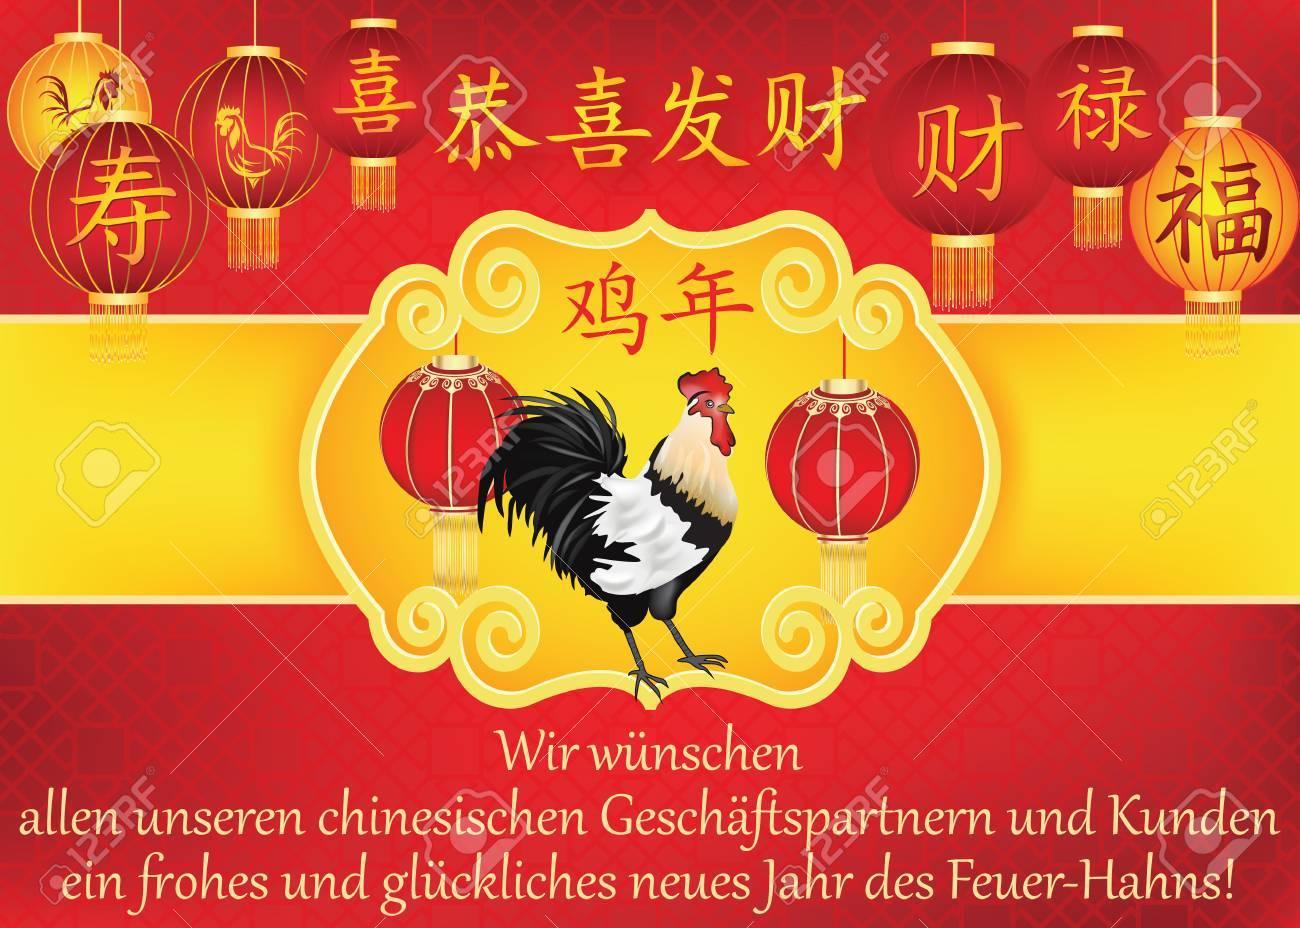 Deutsch Unternehmen Chinese New Year 2017 Grußkarte: Wir Wünschen ...